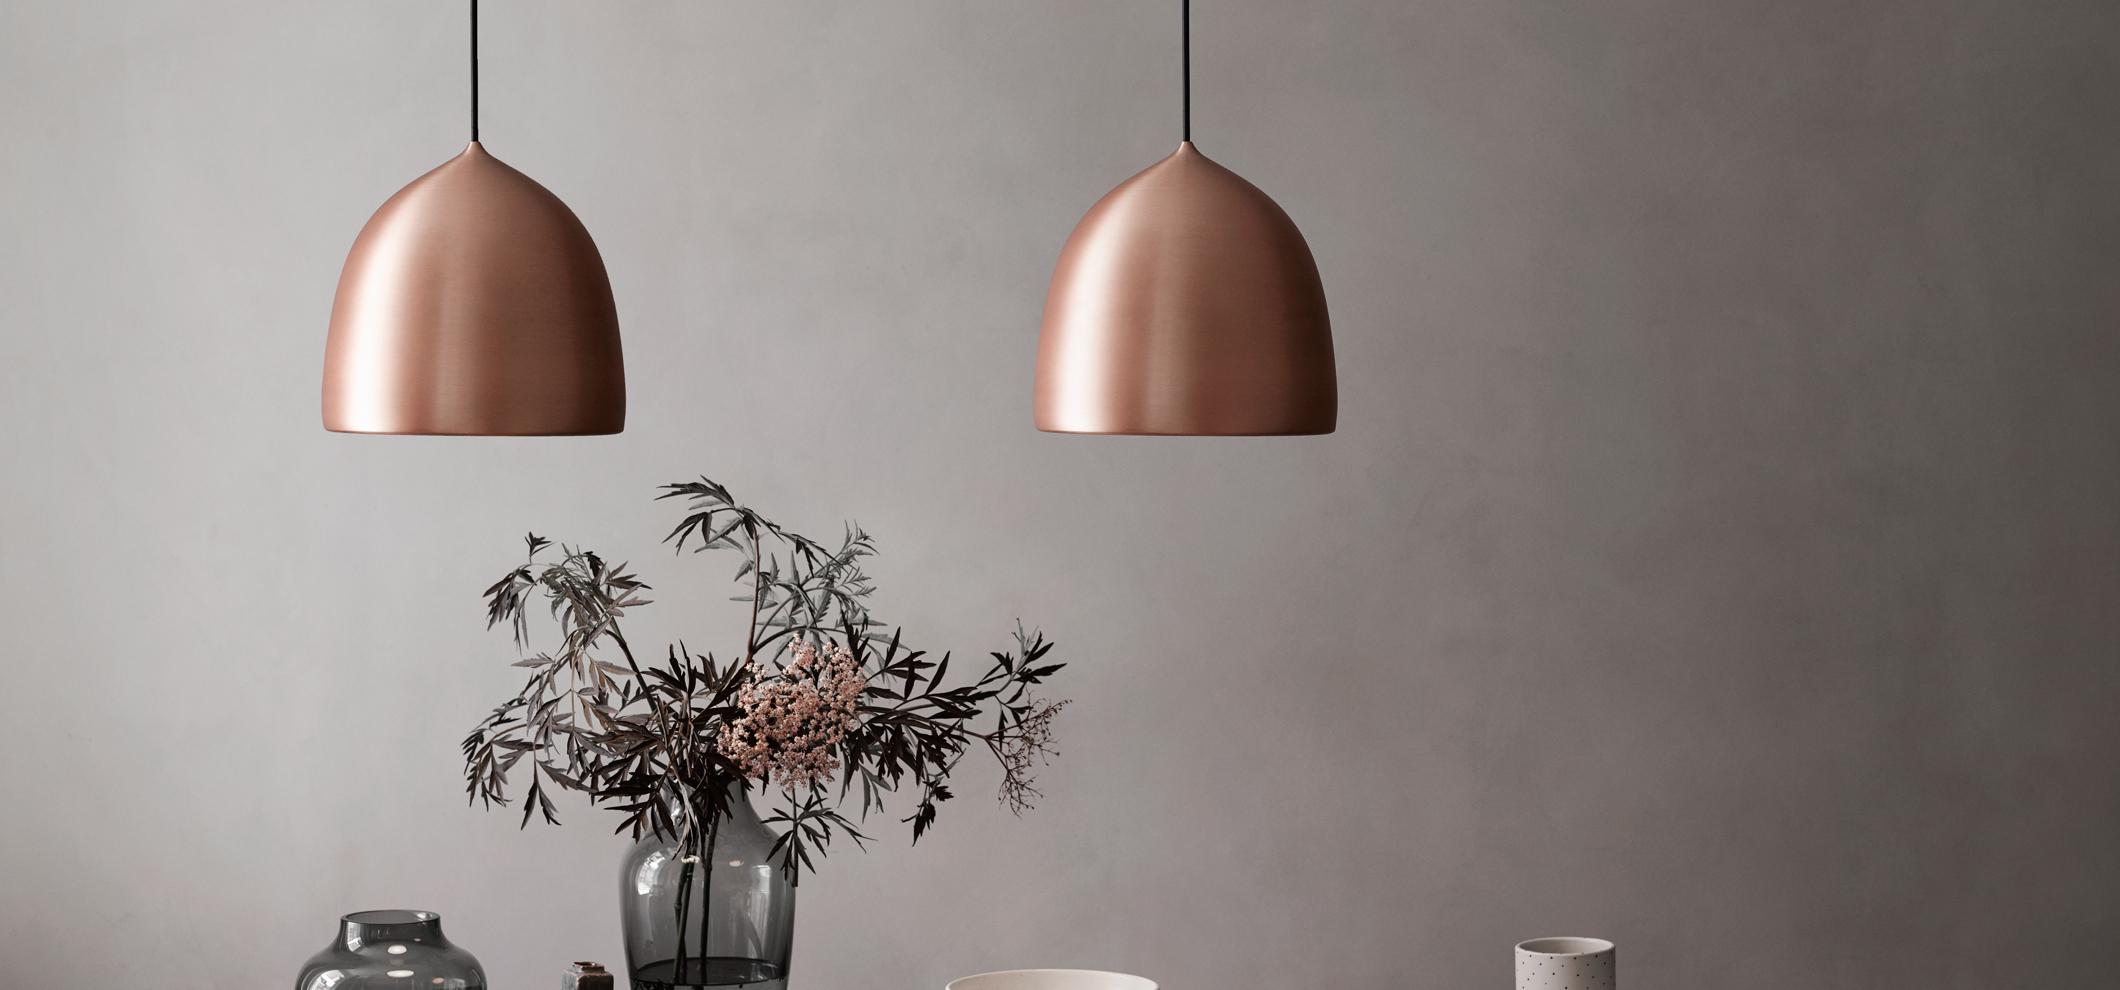 beleuchtung drupal. Black Bedroom Furniture Sets. Home Design Ideas